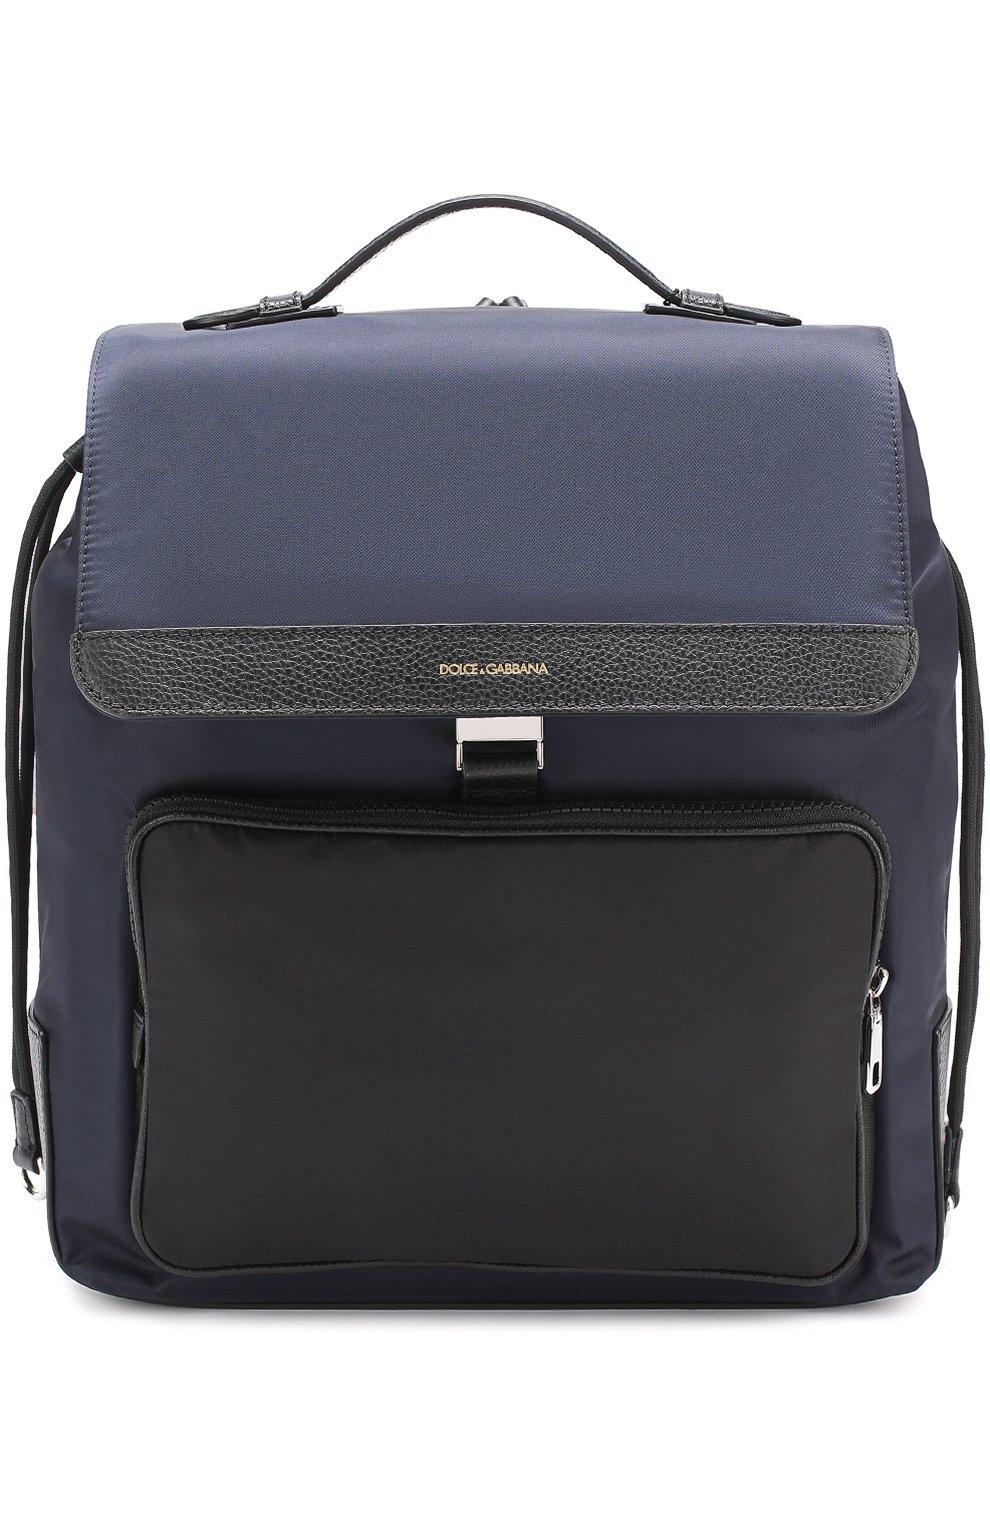 Текстильный рюкзак с внешним карманом на молнии   Фото №1